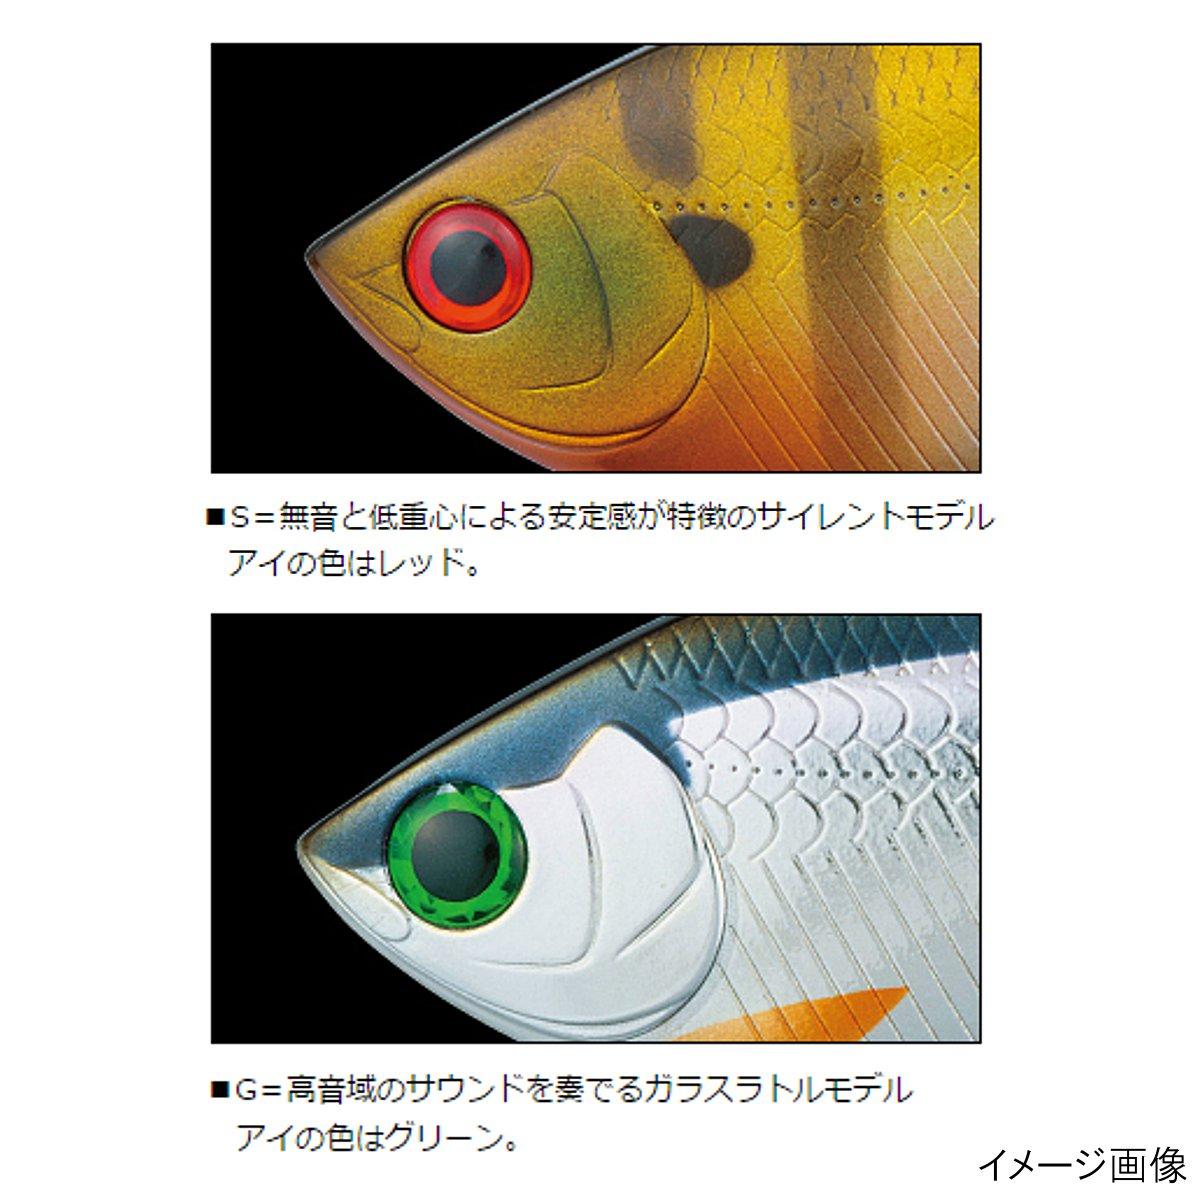 Daiwa (Daiwa) T.D. vibration Tees custom 65S-S blue pearl claw